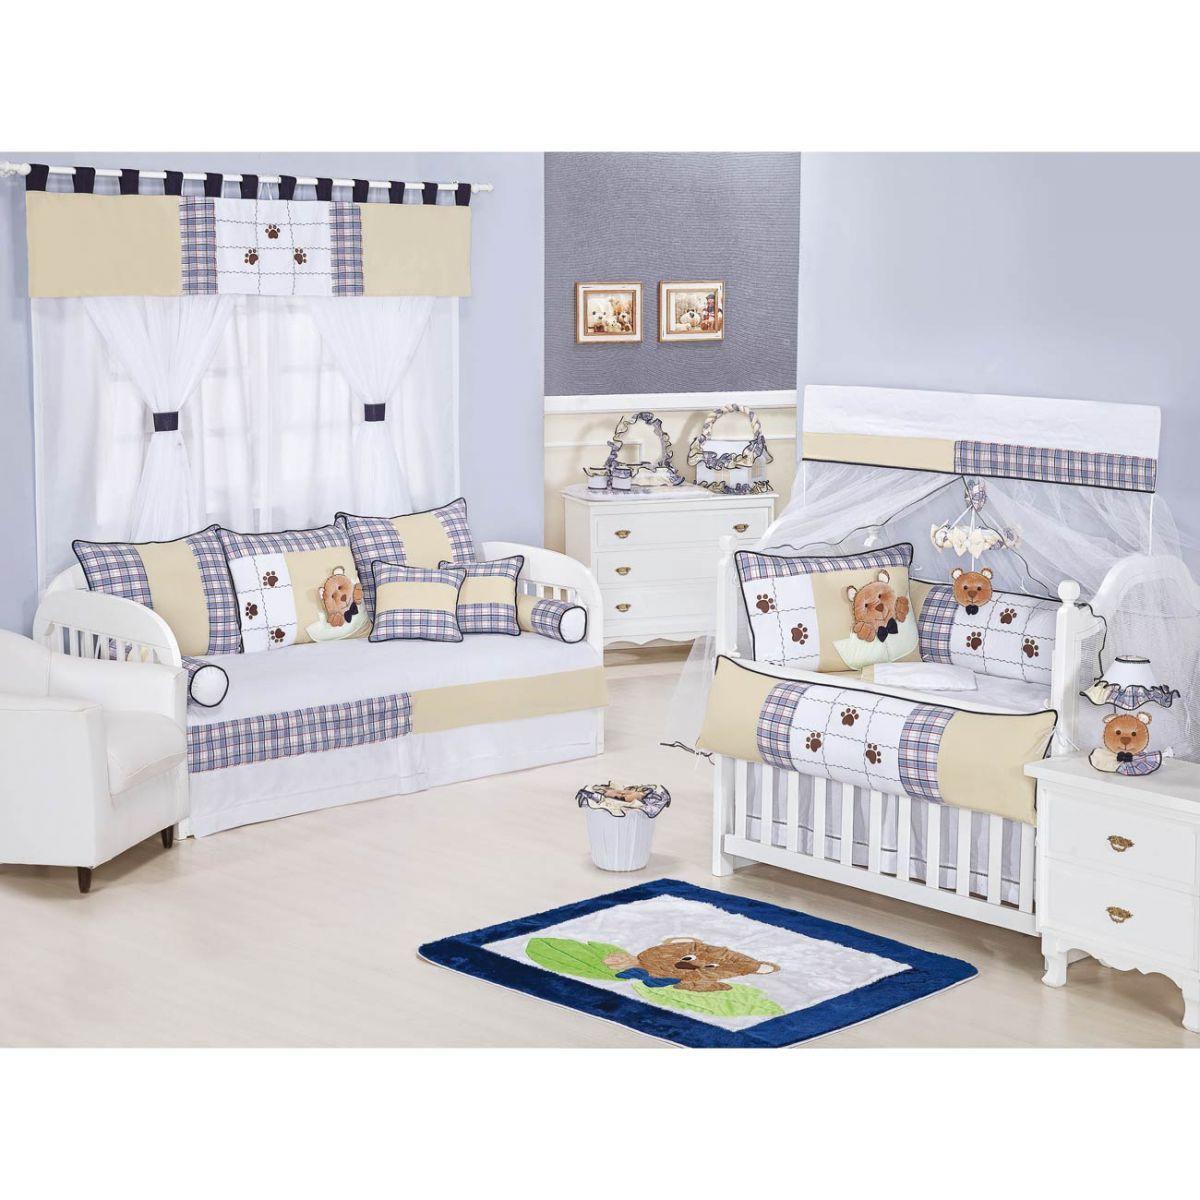 Lixeira Enfeitada para Quarto Bebê Coleção Urso Nino - Azul